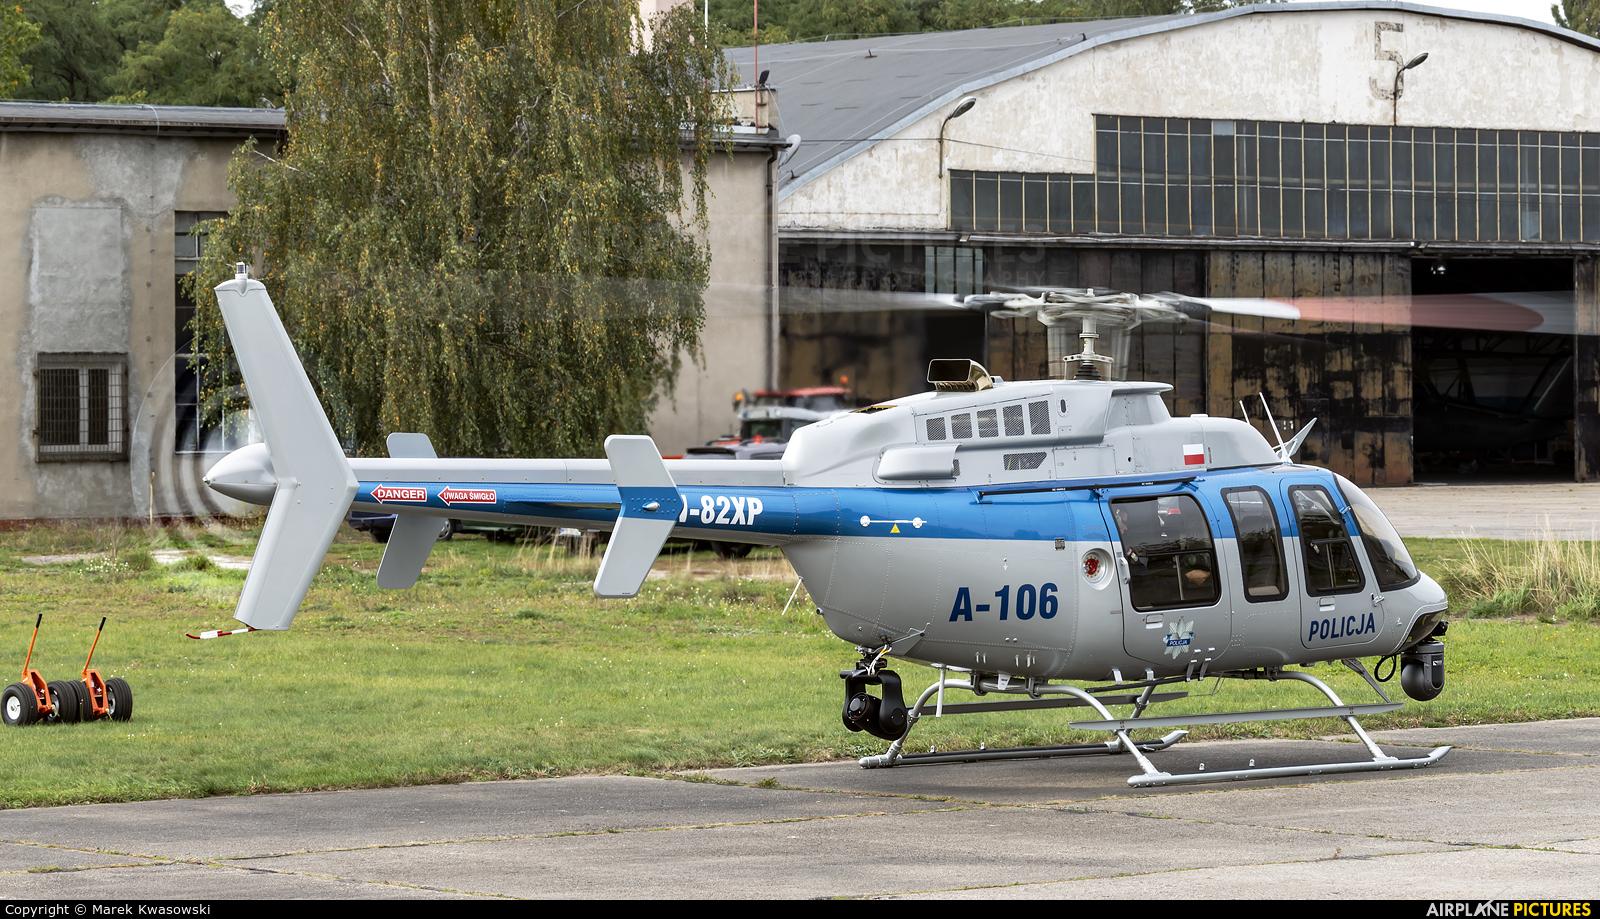 Poland - Police SN-82XP aircraft at Warsaw - Babice